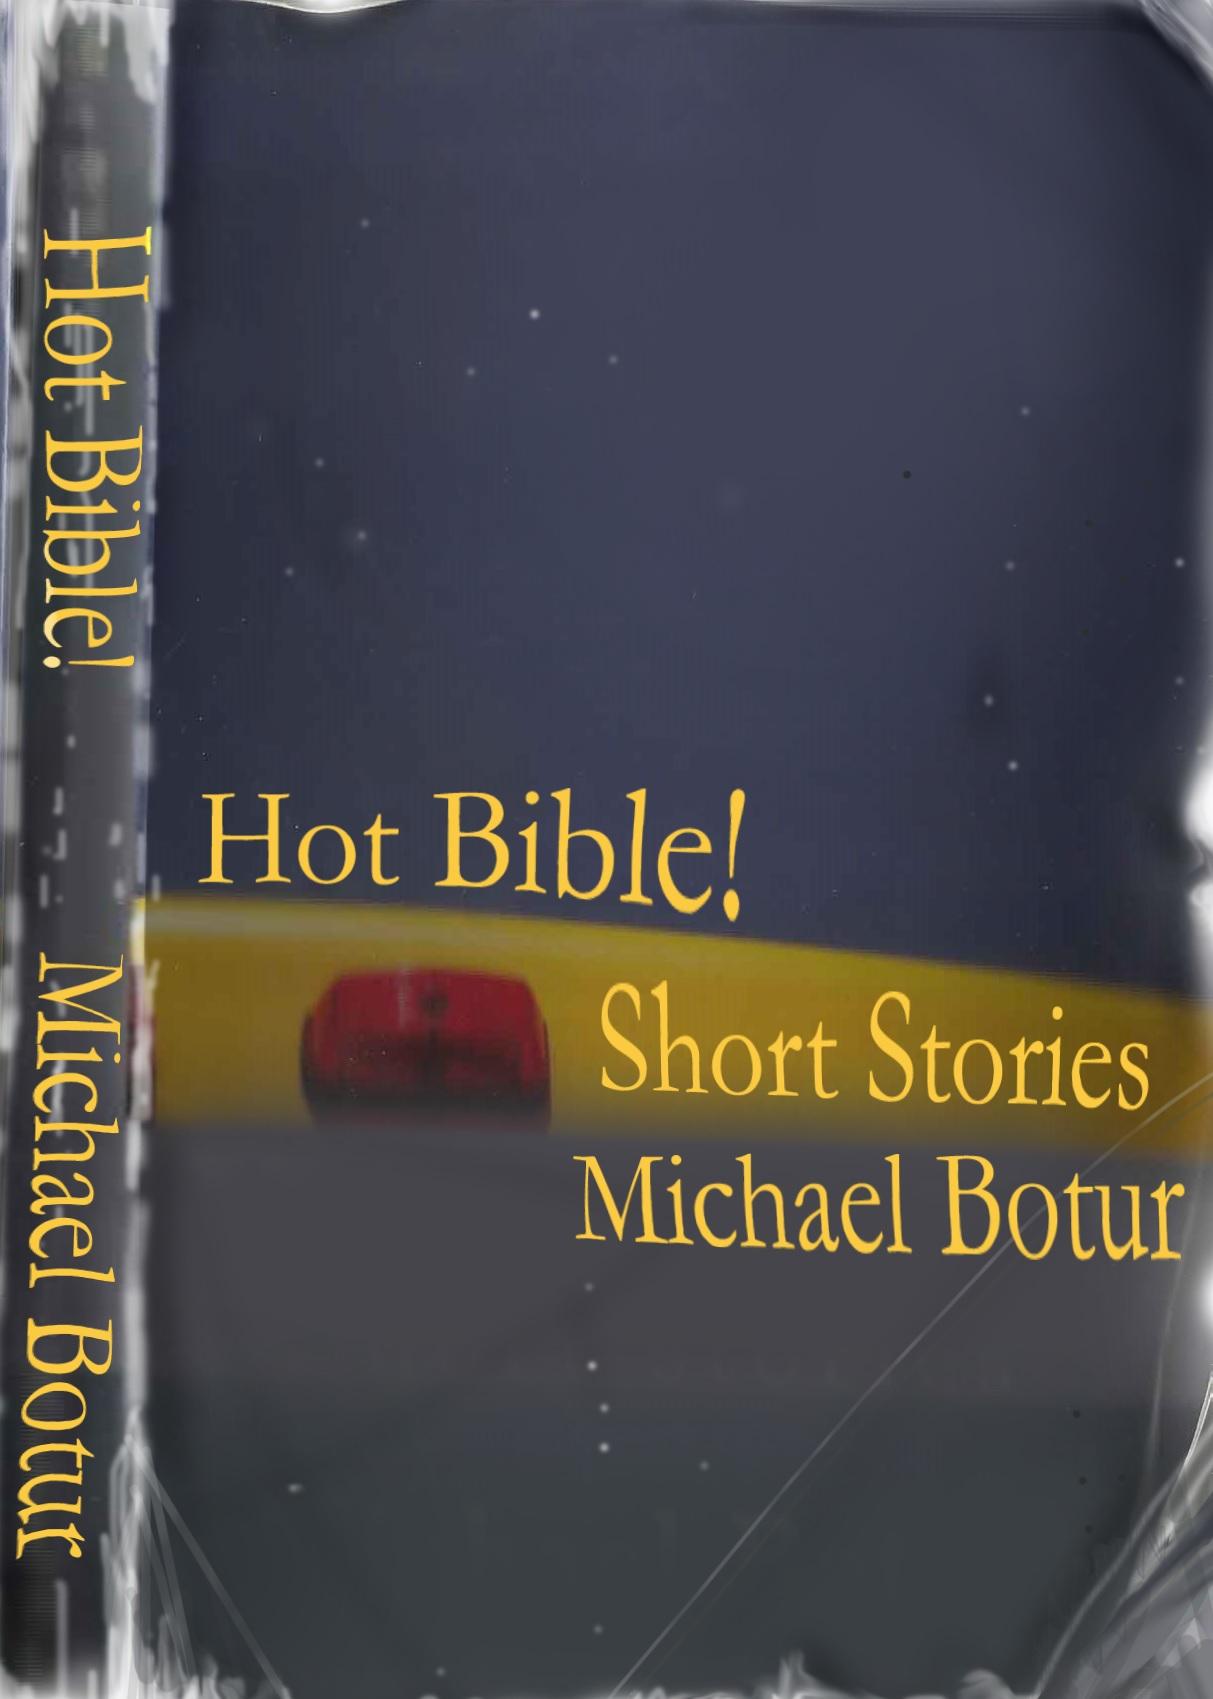 Hot tranny stories same, infinitely